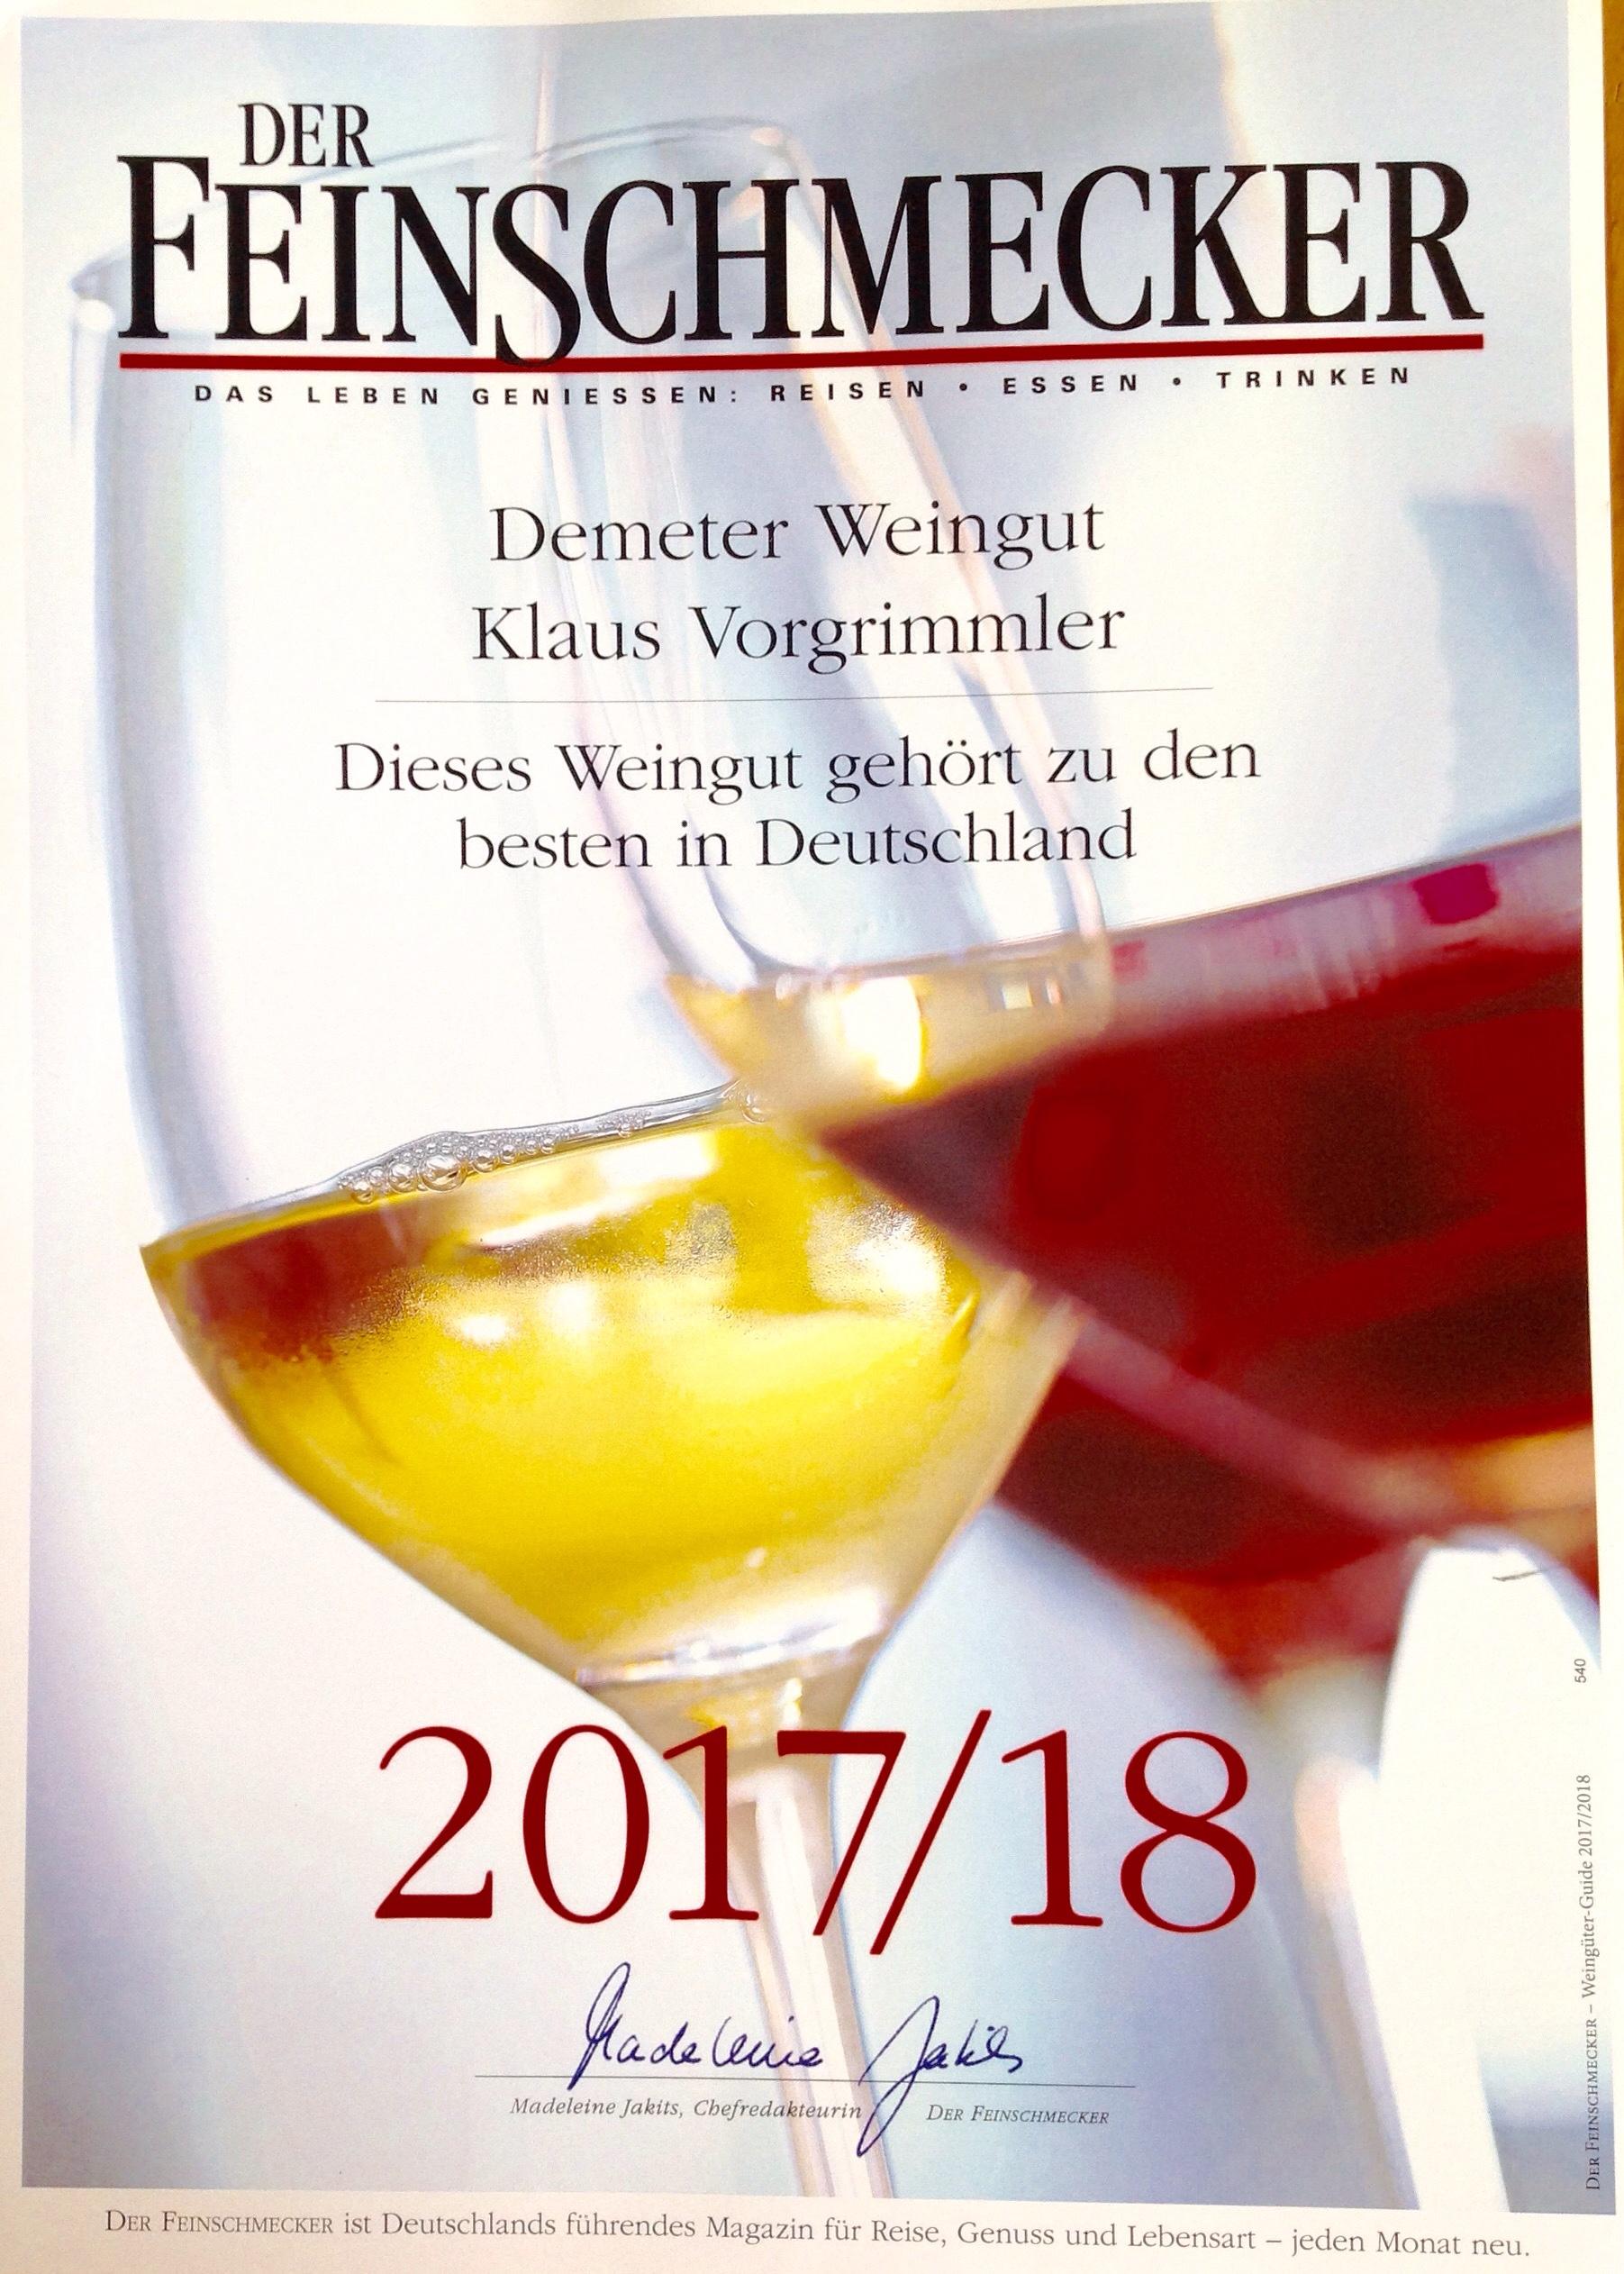 der Feinschmecker: wir gehört zu den besten Weingüter Deutschland